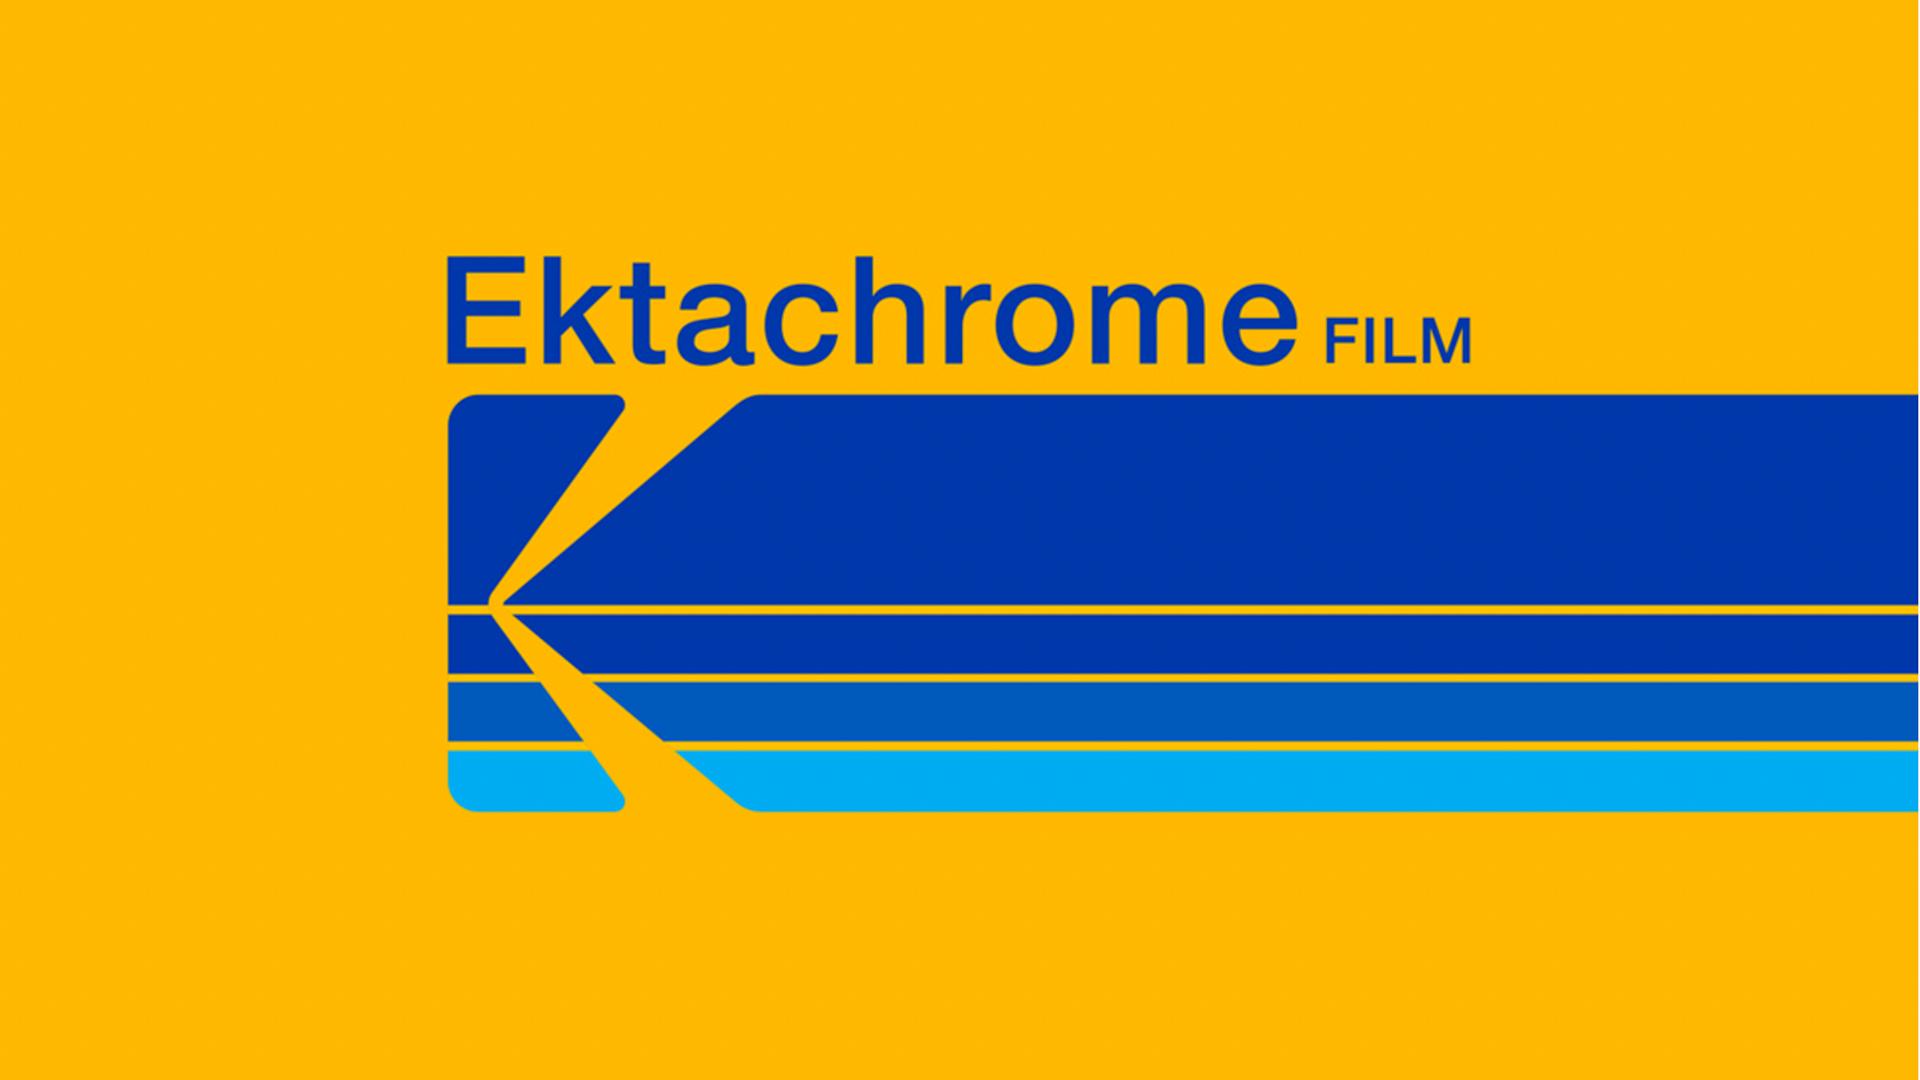 フィルムが戻ってきた! - コダックエクタクロームが生産再開